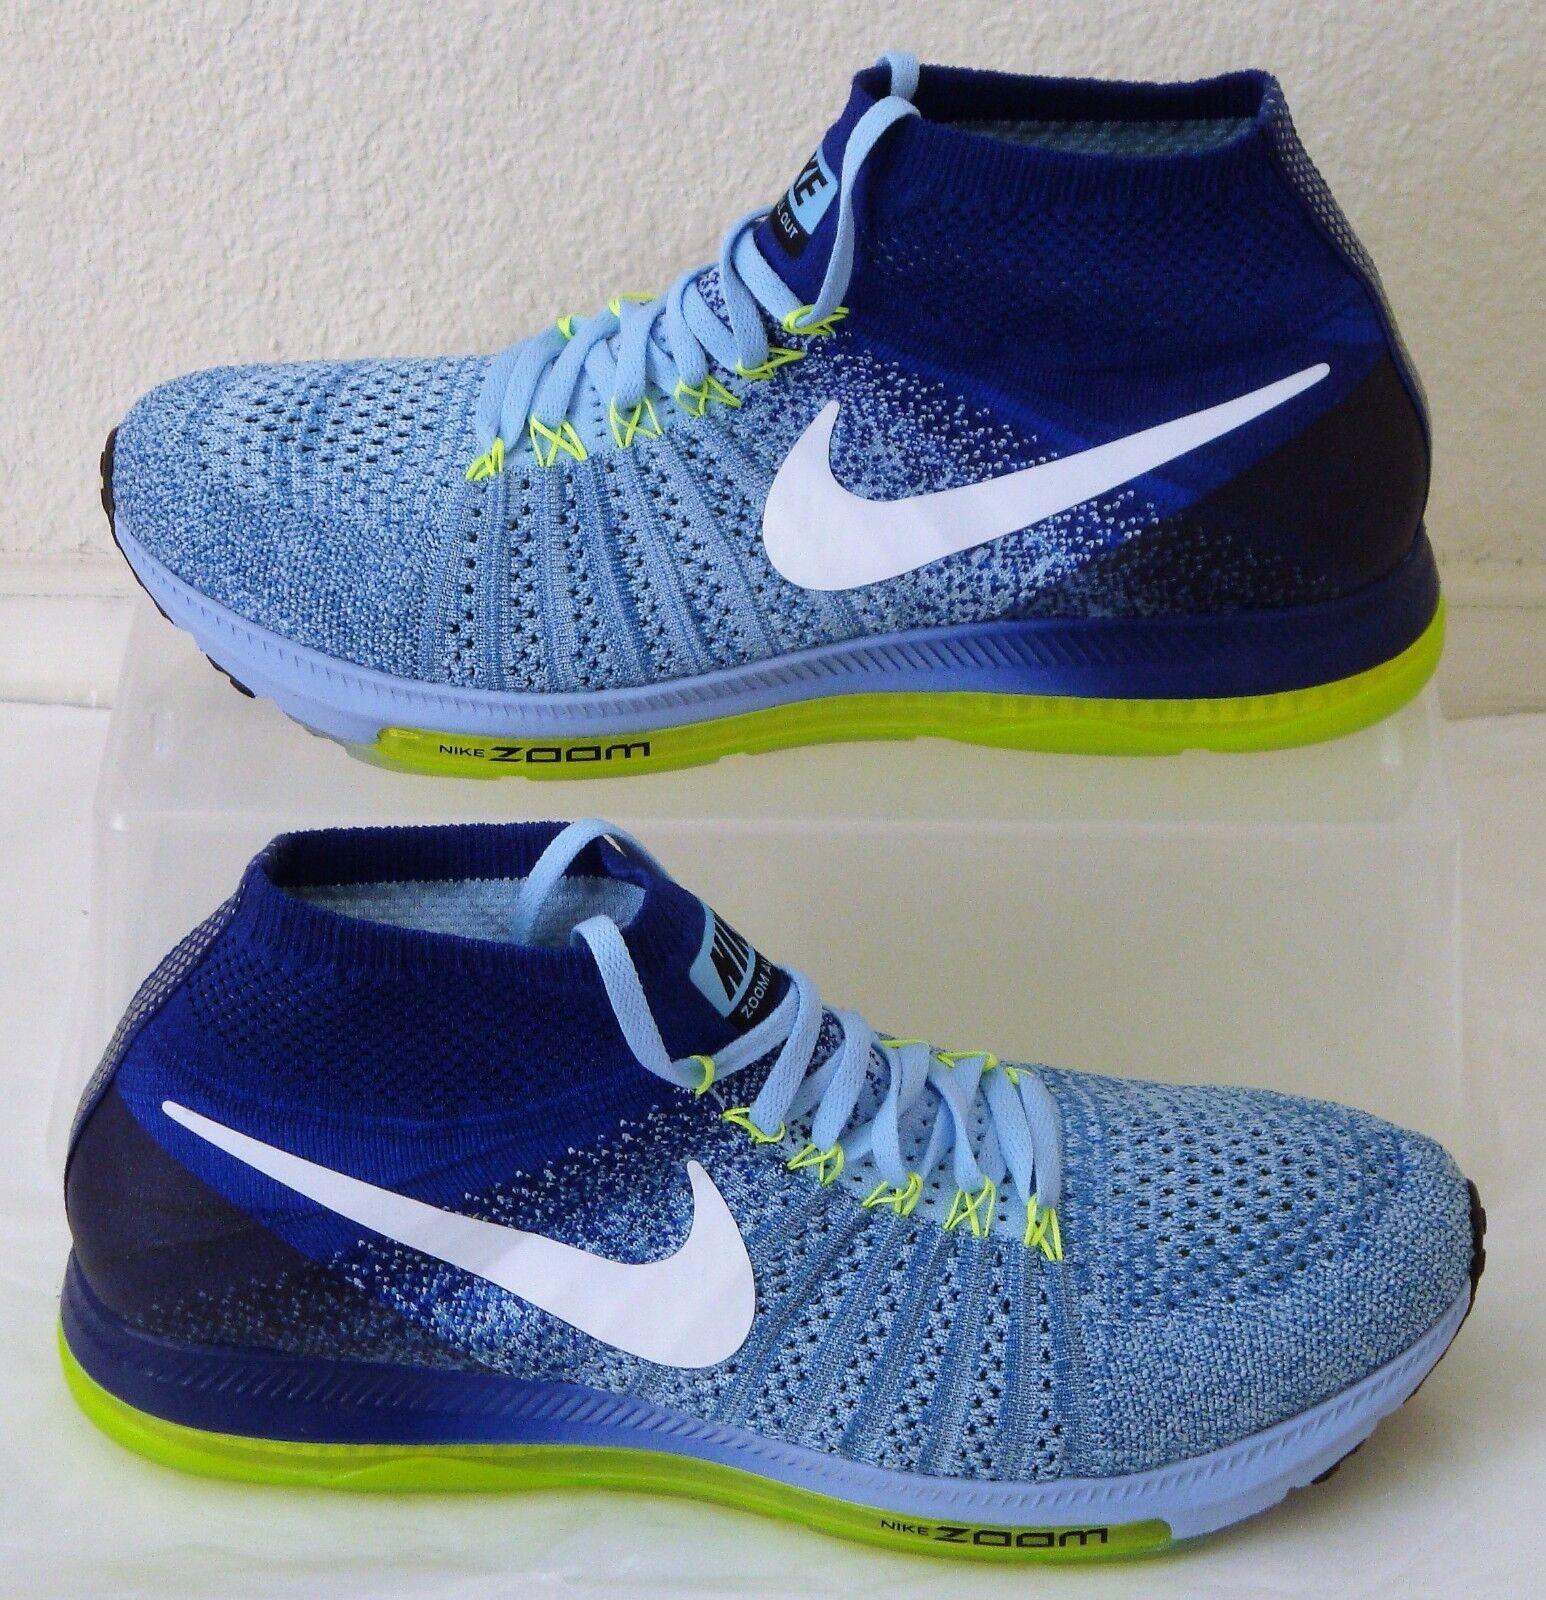 New Nike Air Zoom All Out Flyweat blu donna  US Dimensione 12 UK 9.5 EUR 44.5  vieni a scegliere il tuo stile sportivo